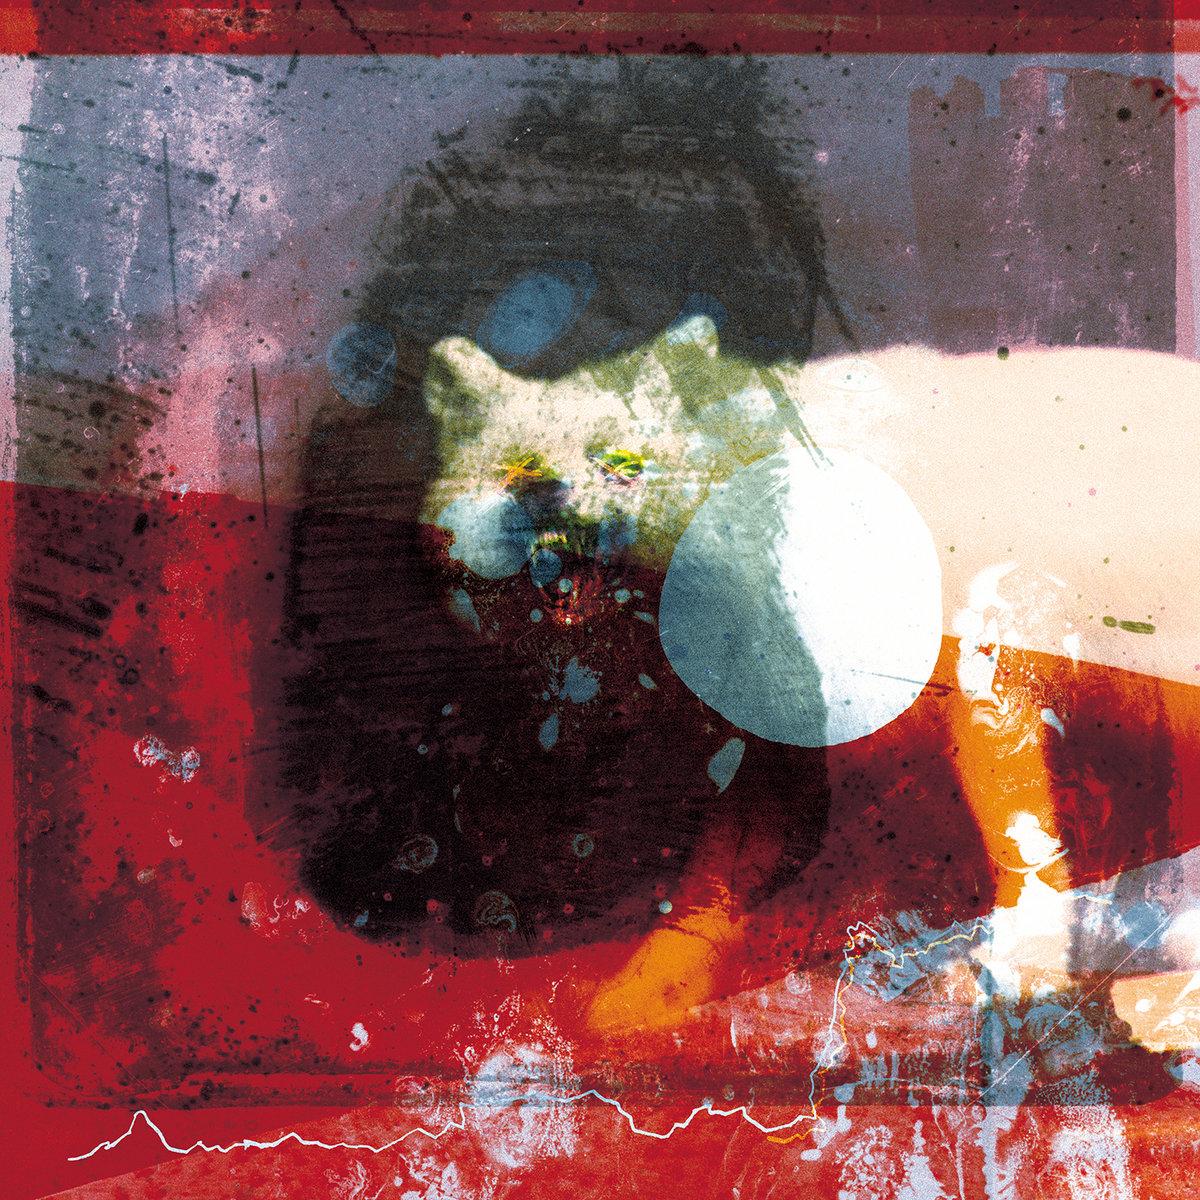 Αποτέλεσμα εικόνας για Mogwai - As The Love Continues